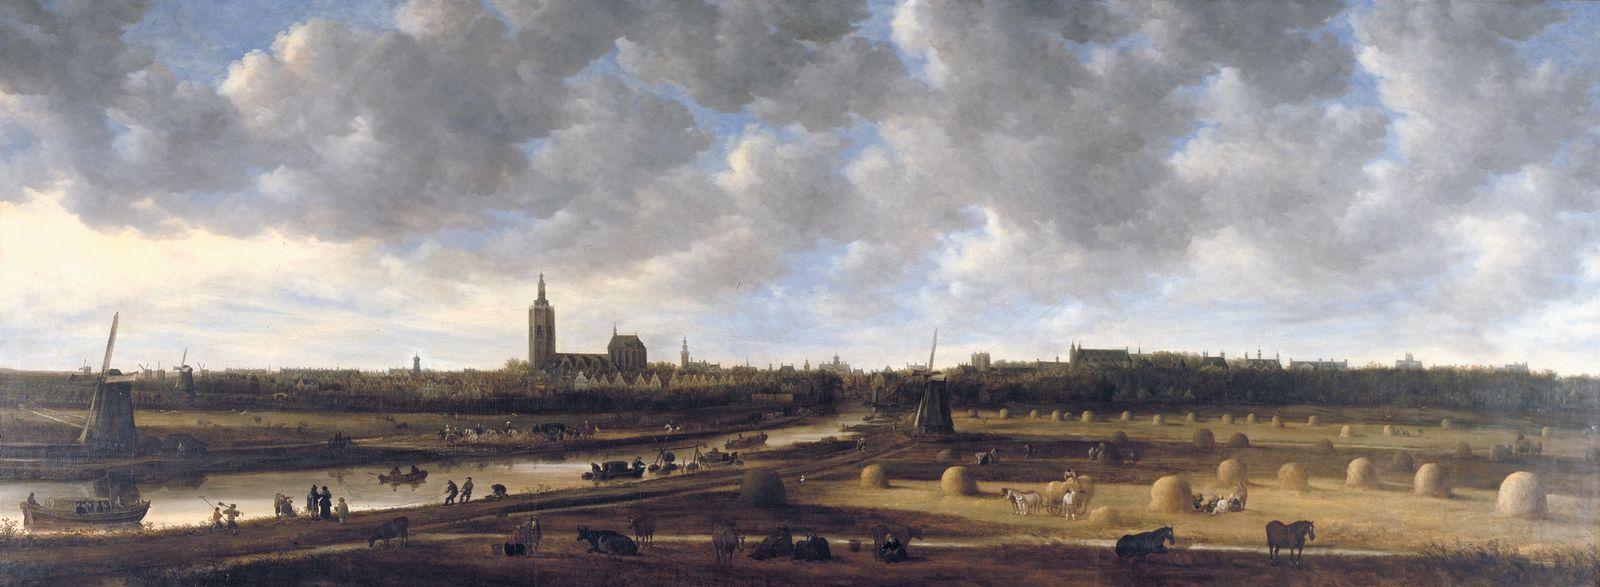 Jan_van_Goyen,_Gezicht_op_'s-Gravenhage_vanuit_het_Zuid_Oosten,_1650._Den_Haag.jpg